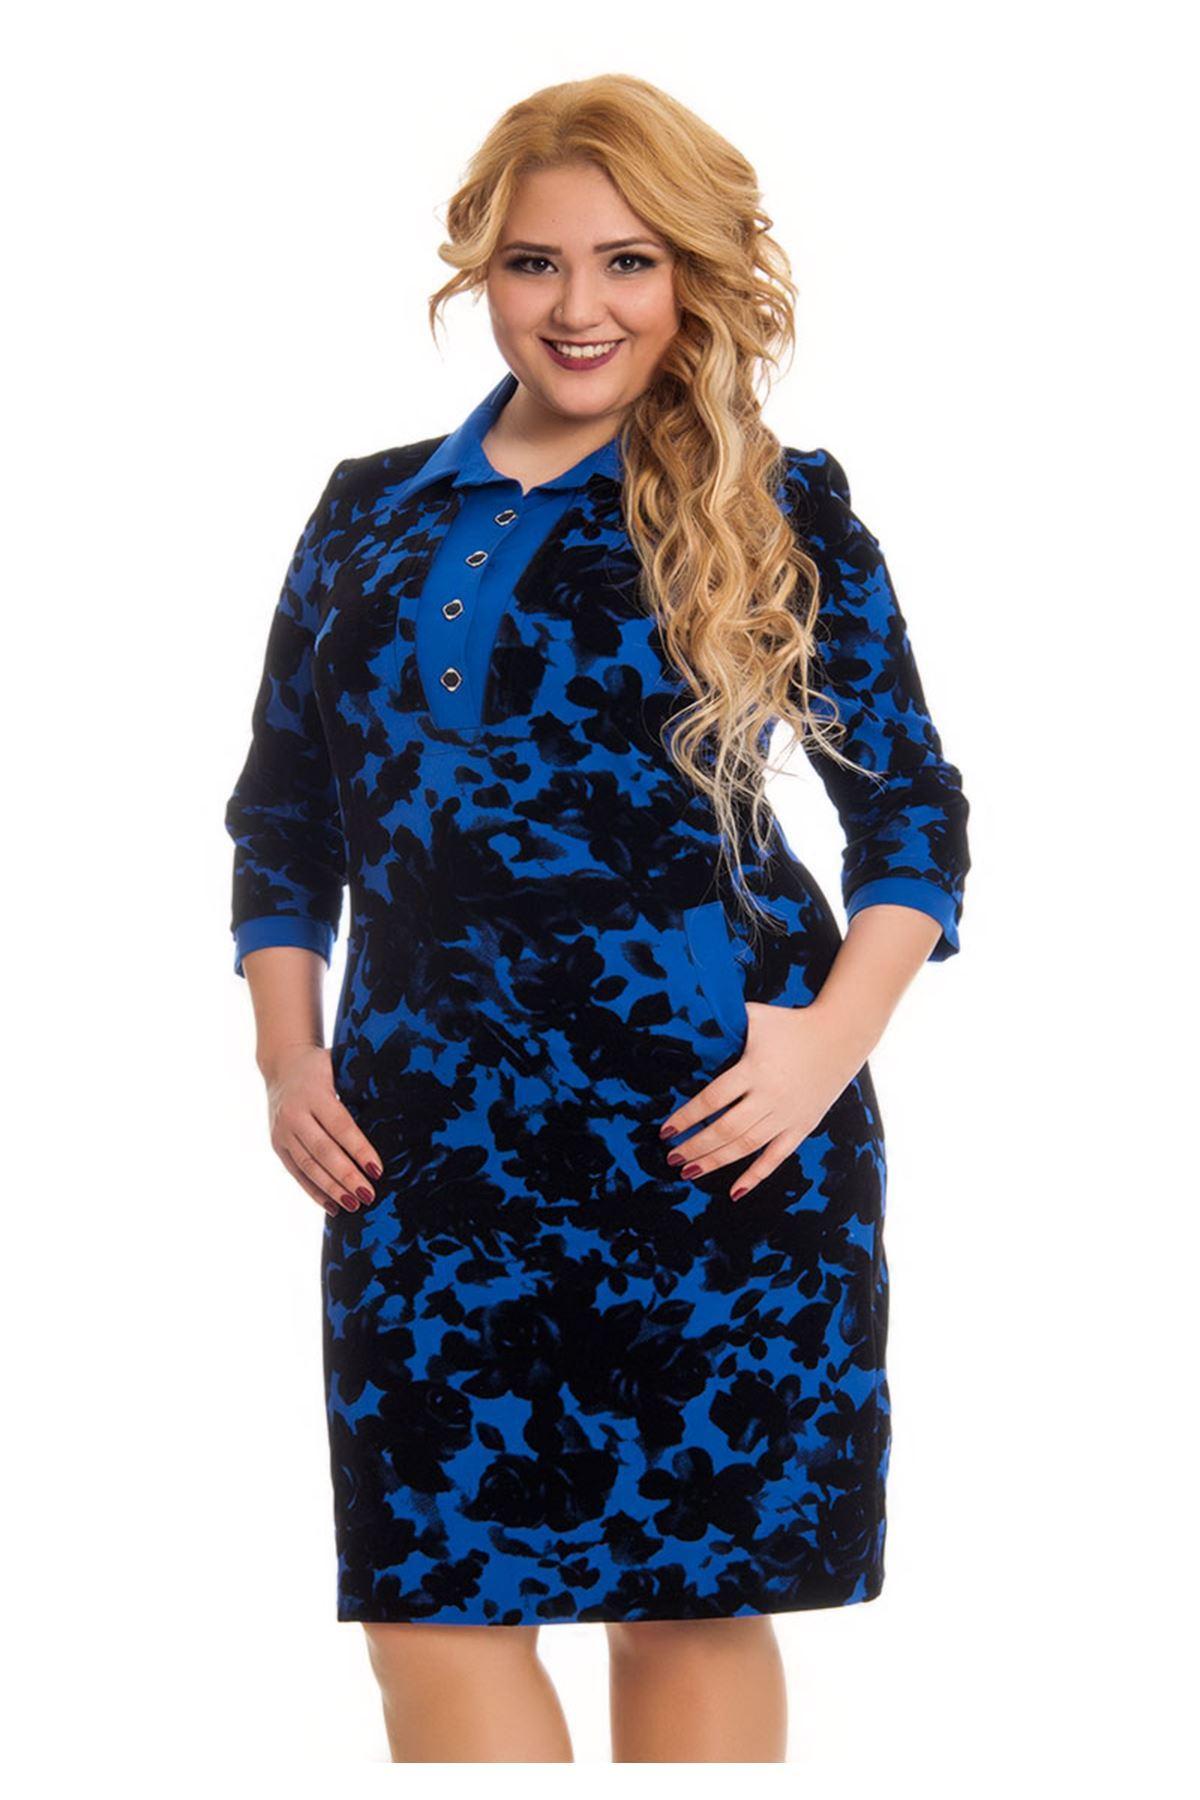 Büyük Beden Mavi Çiçek Desenli Kadın Elbise F11-122998